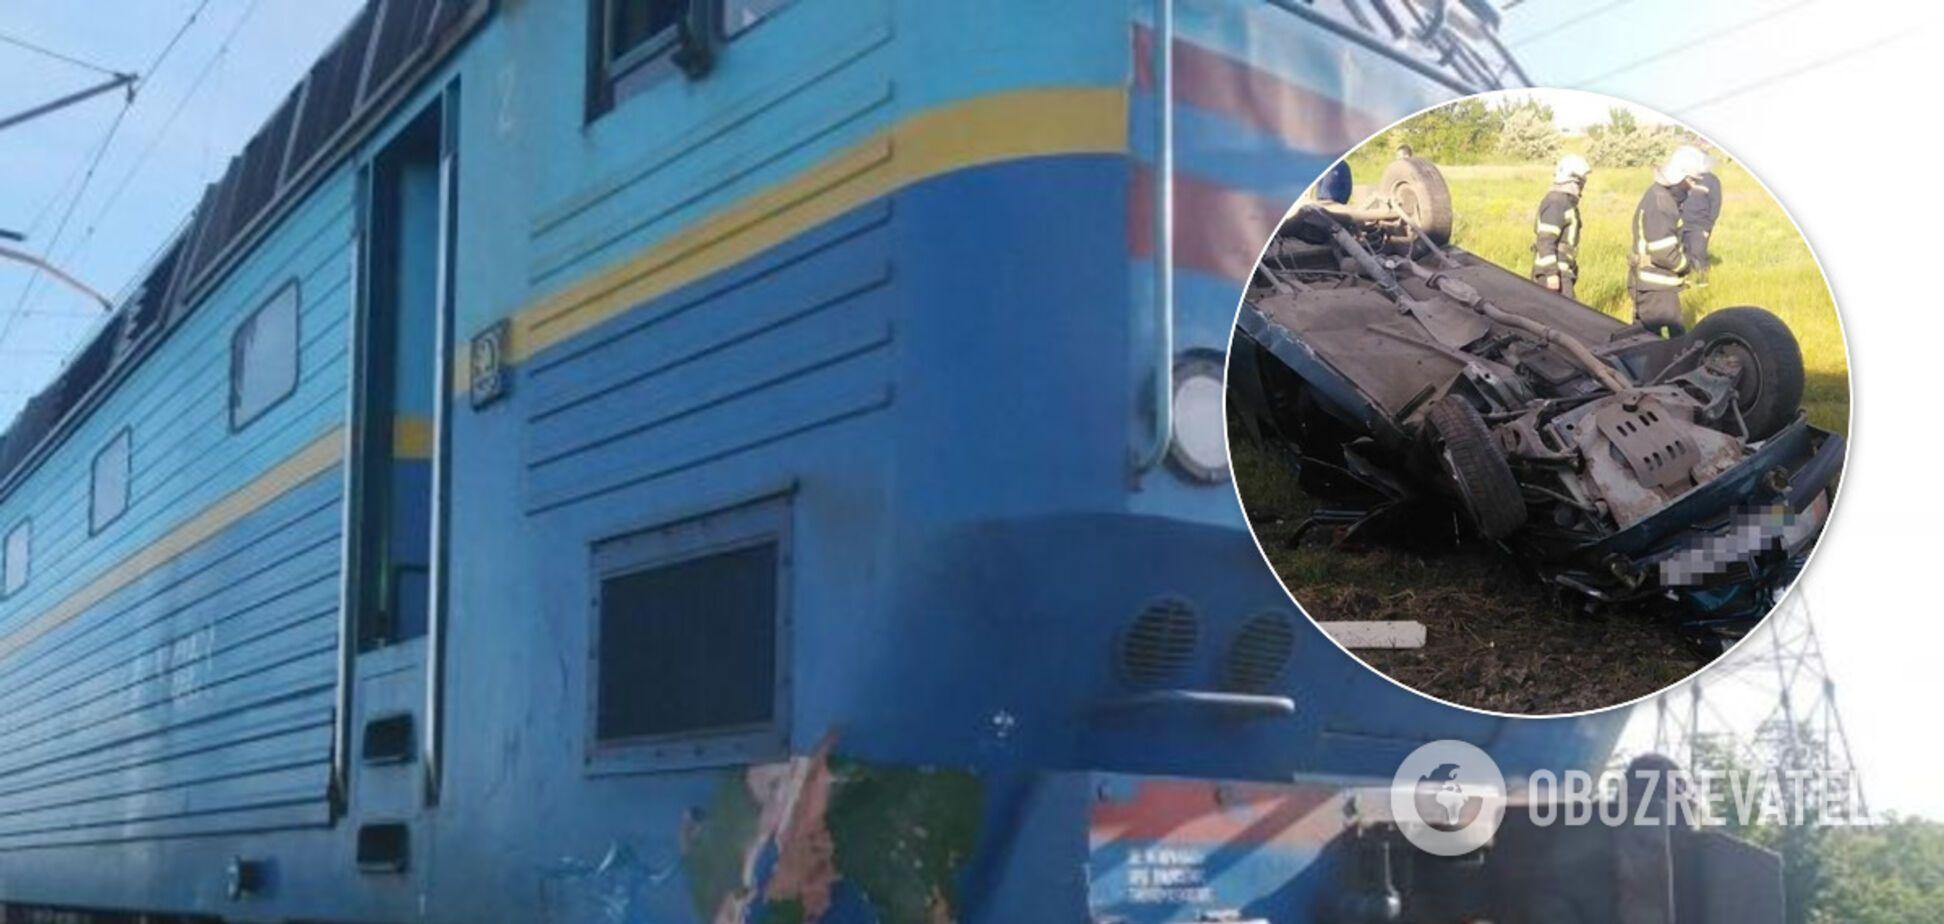 На Запорожье поезд протаранил автомобиль: есть жертвы. Фото